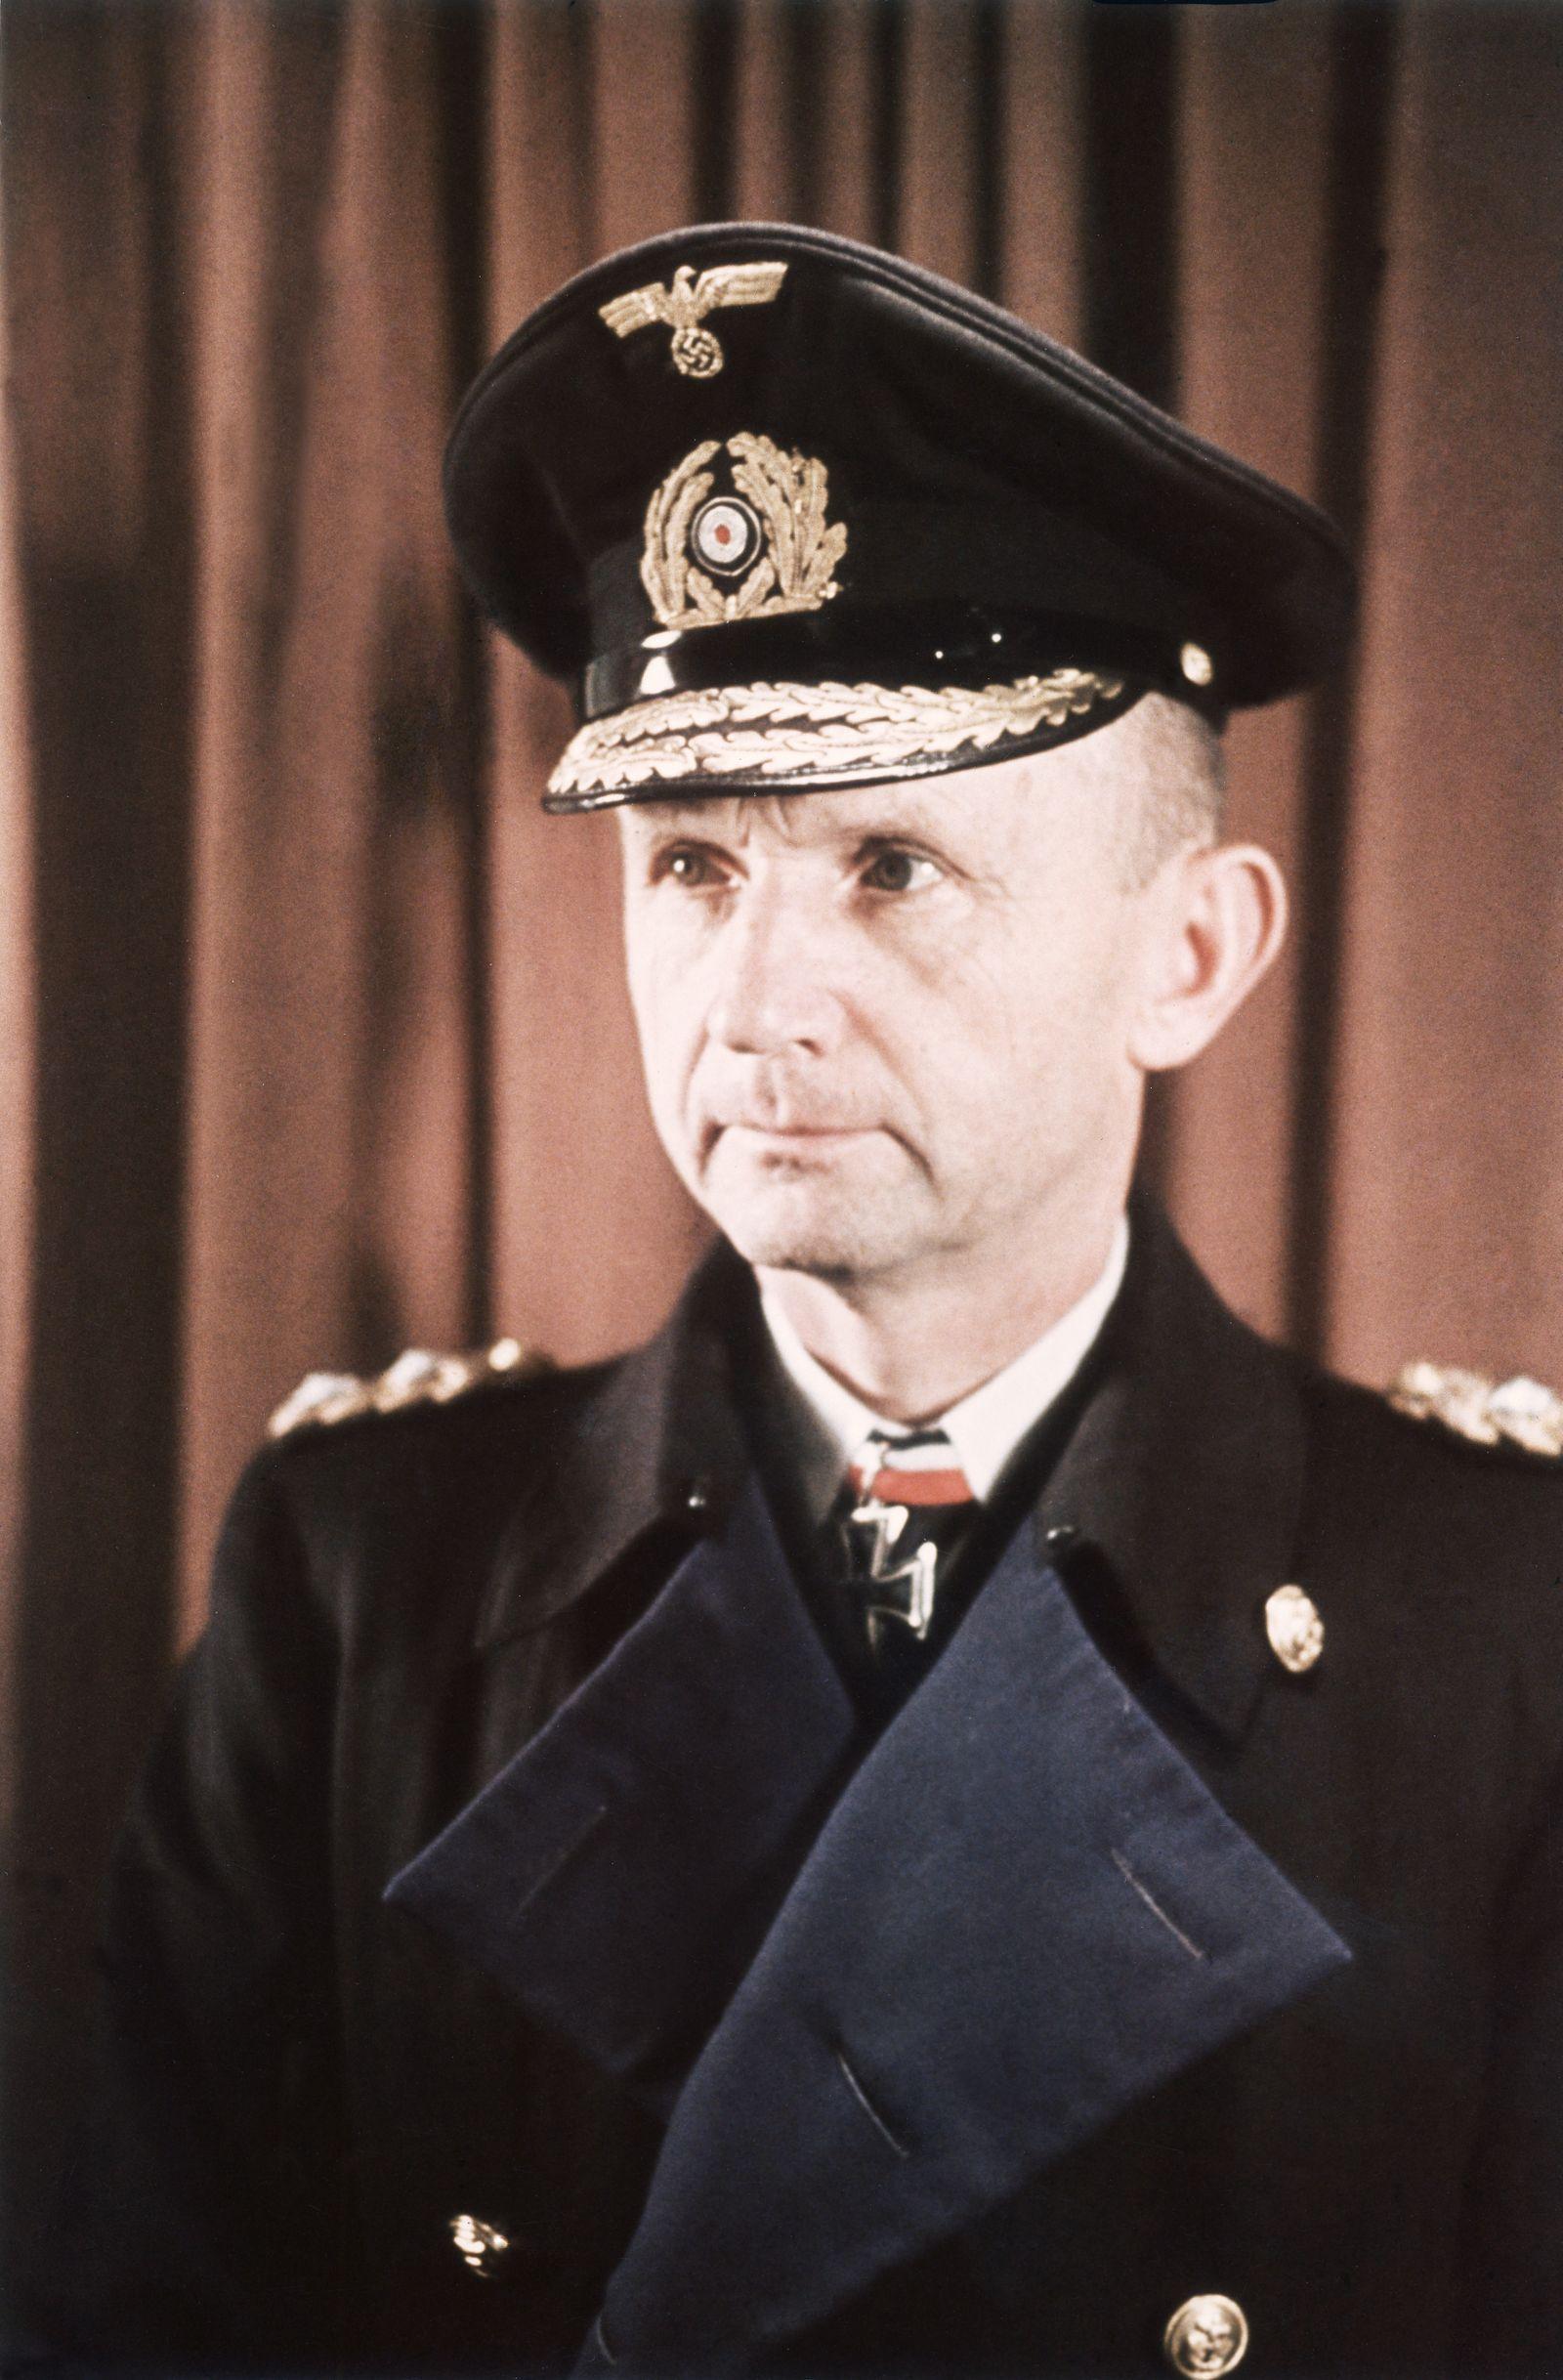 Doenitz, Karl - Marineoffizier, D/ undatiert